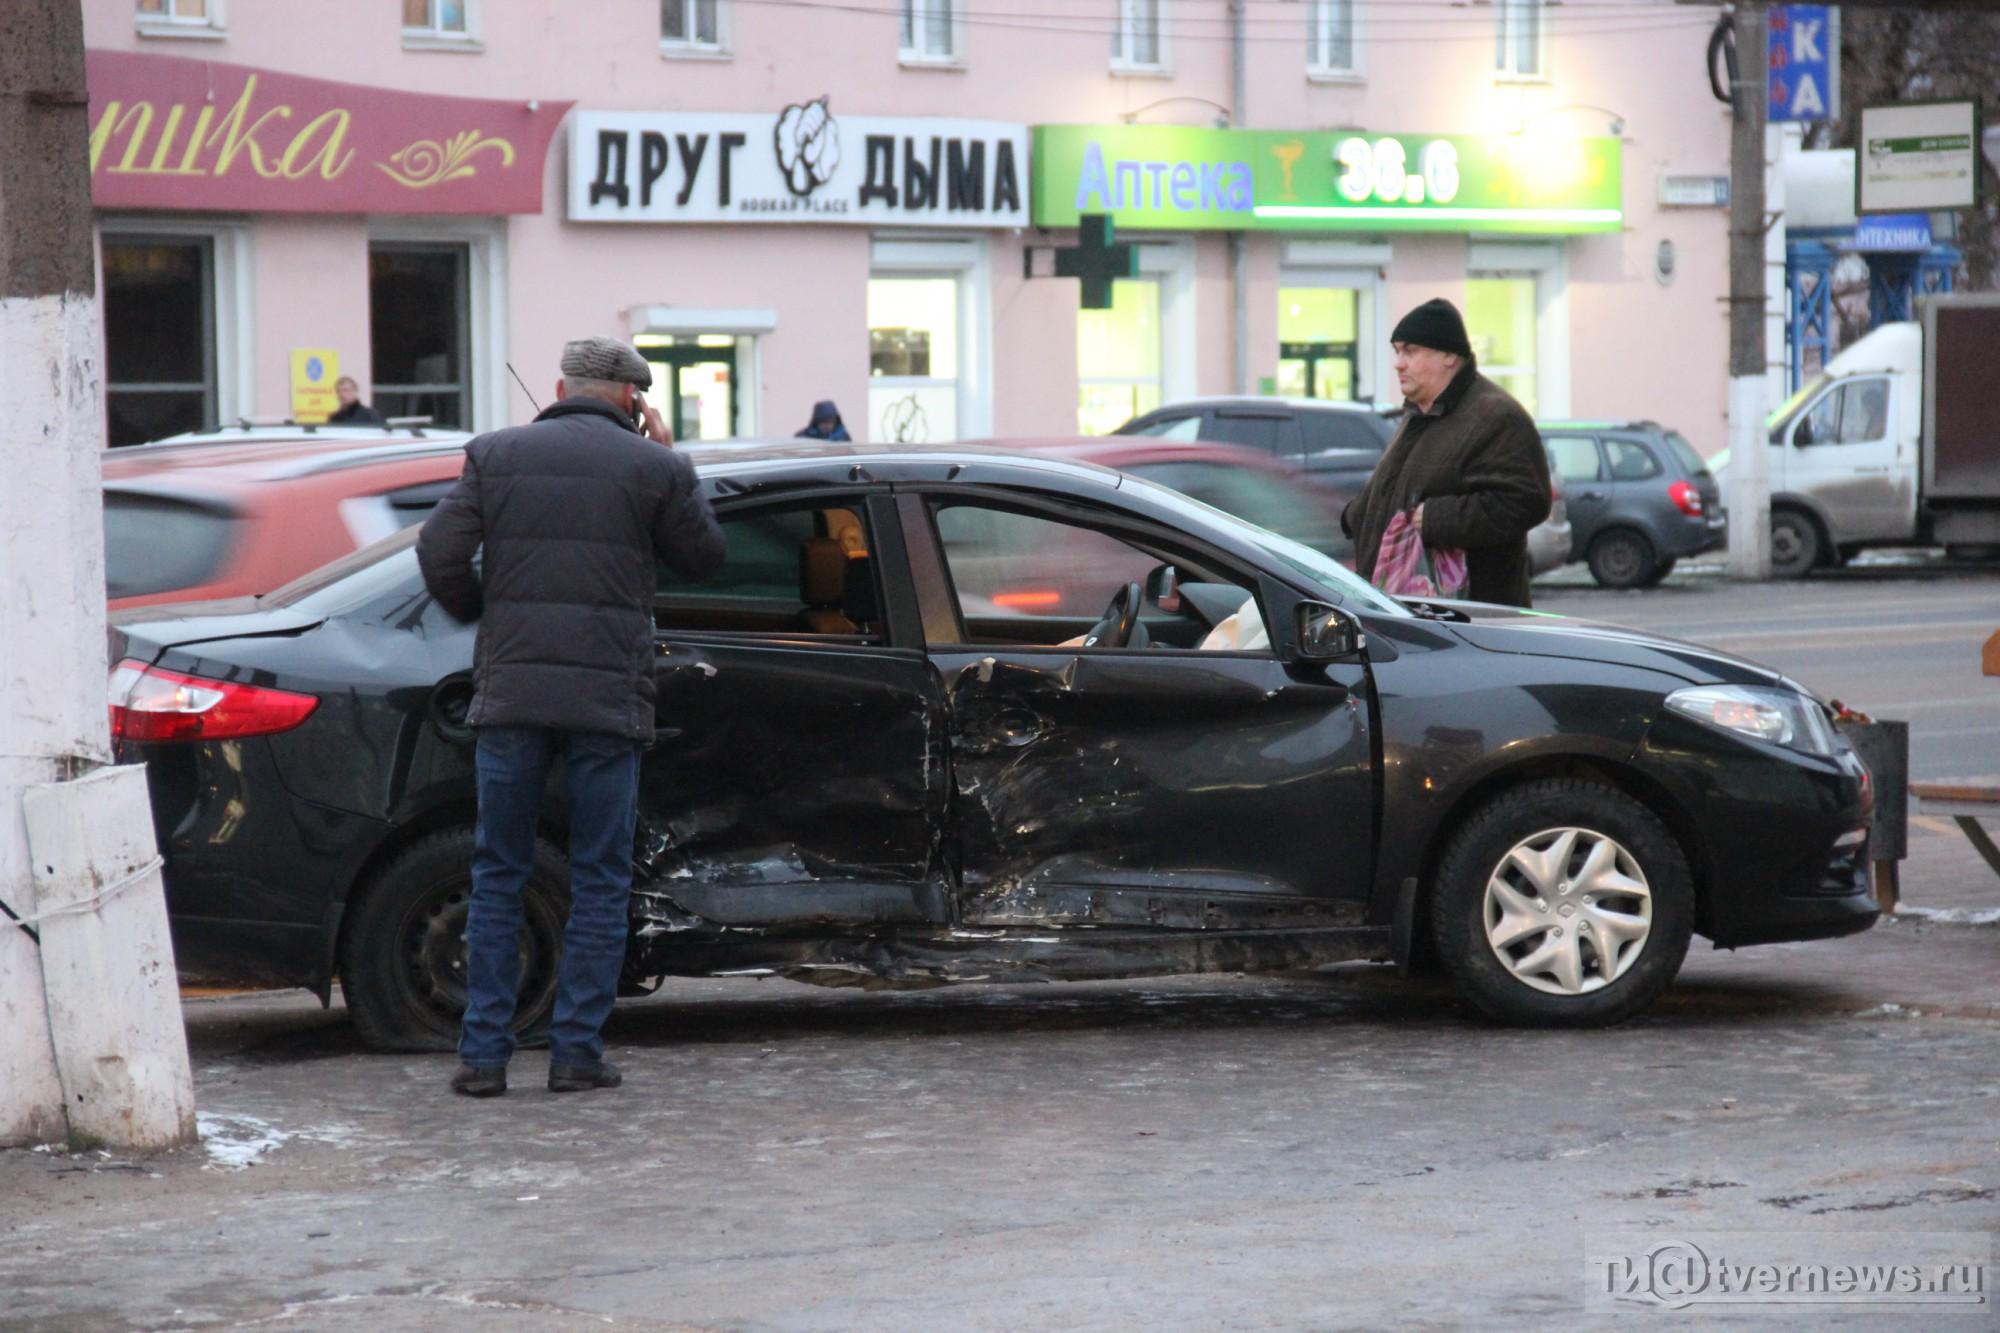 ВТвери шофёр легковушки непропустил спешащий автомобиль милиции, пострадал один человек